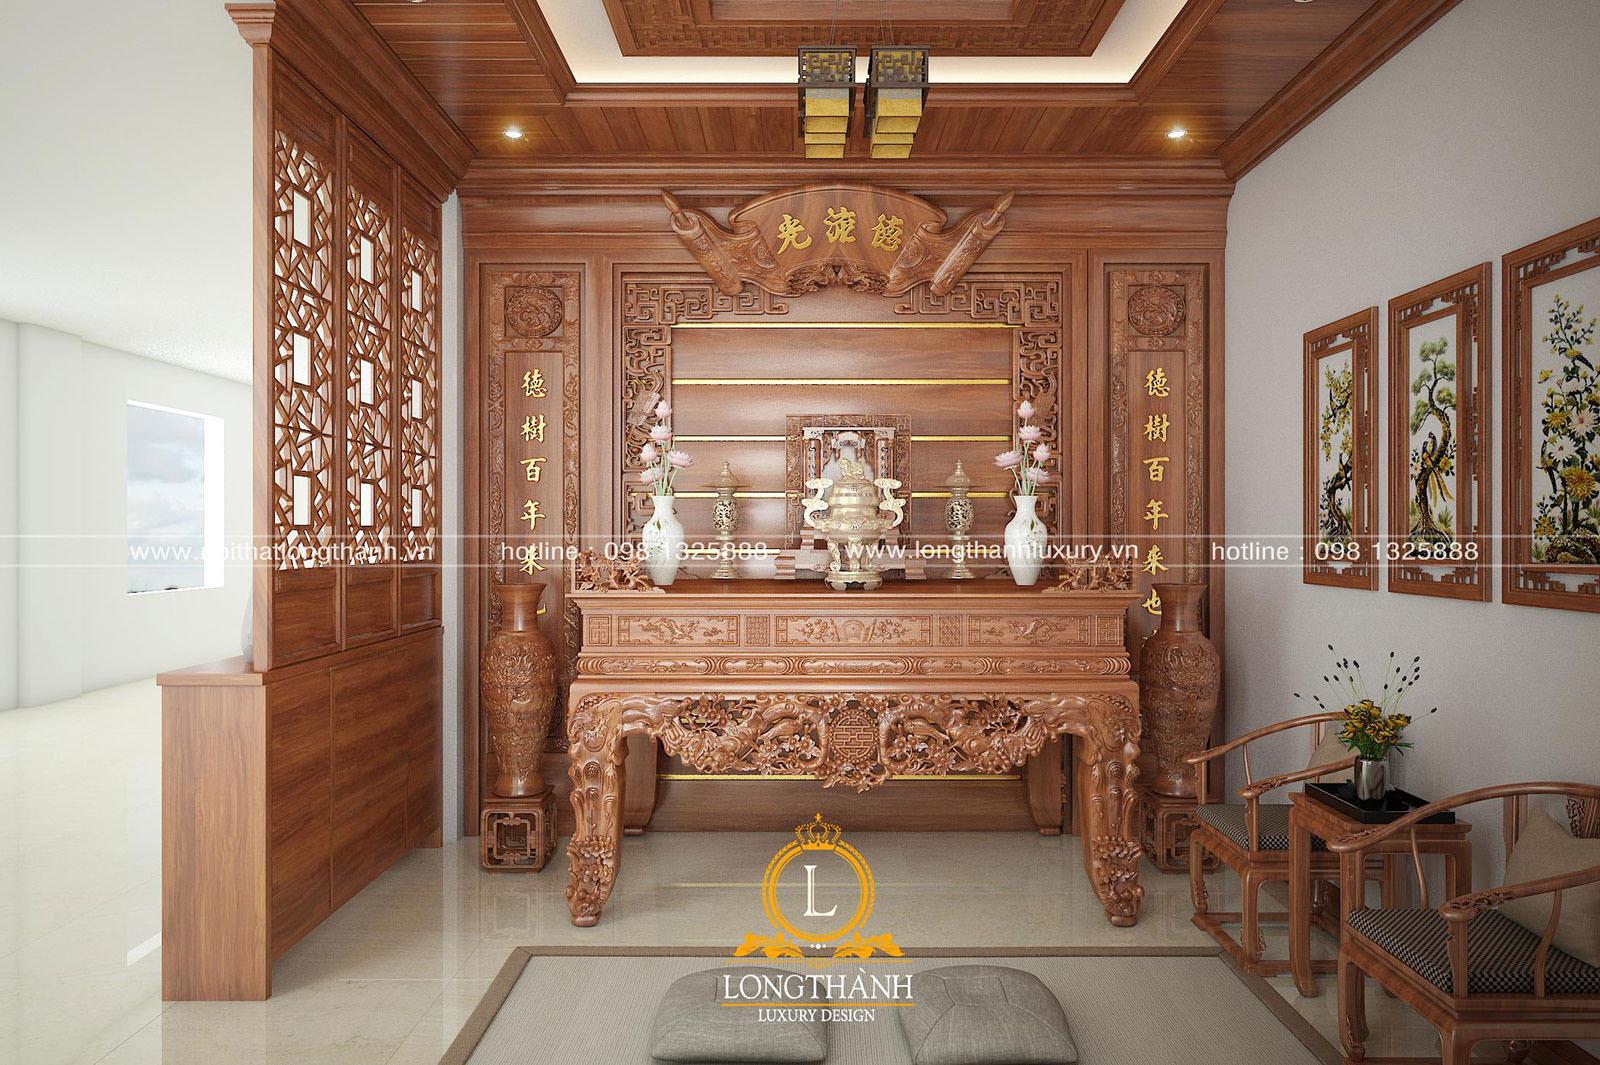 Bố trí hoành phi câu đối trong phòng thờ đẹp và đúng phong thủy